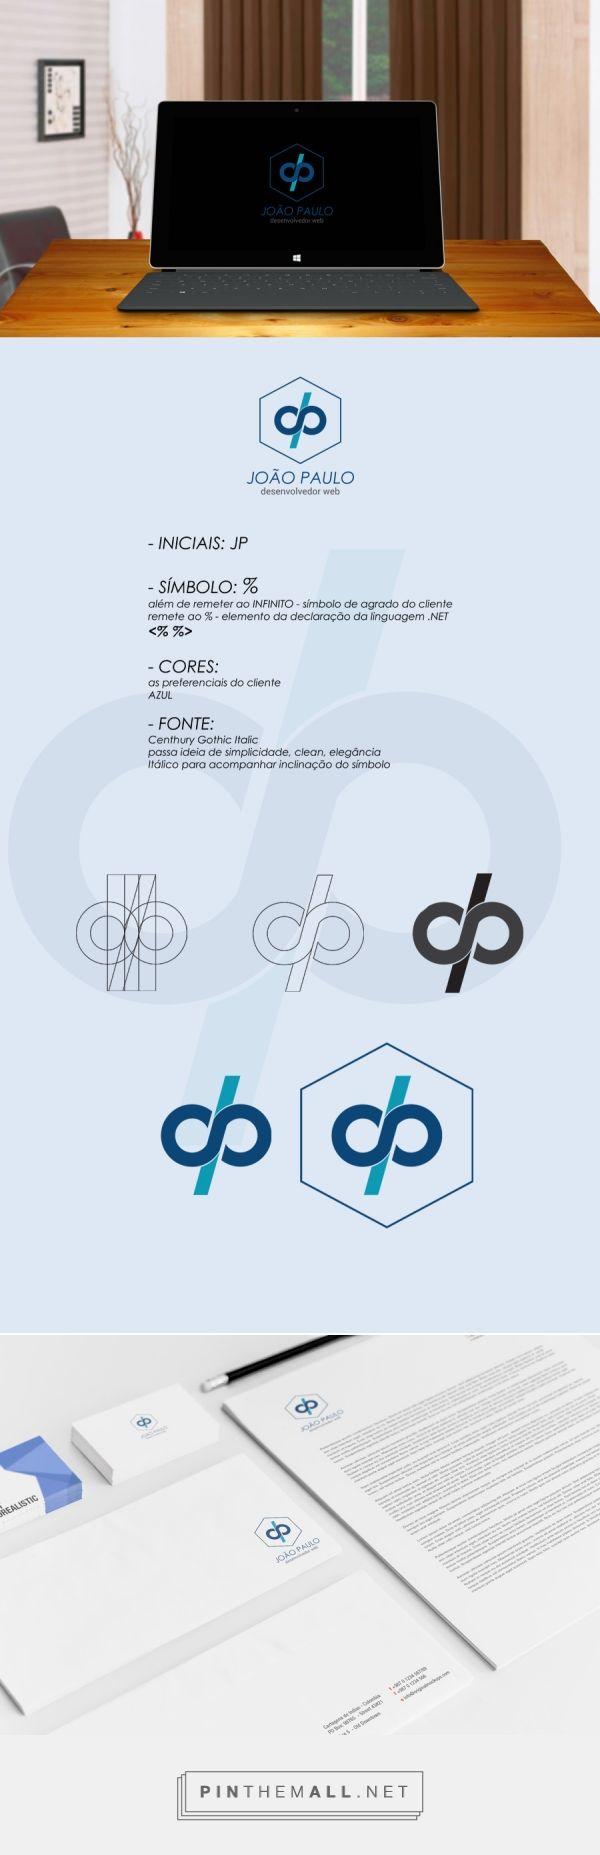 João Paulo - Desenvolvedor Web | Criação de logotipo | Por Allan Dennis |http://allandennisdesign.com.br - created via https://pinthemall.net